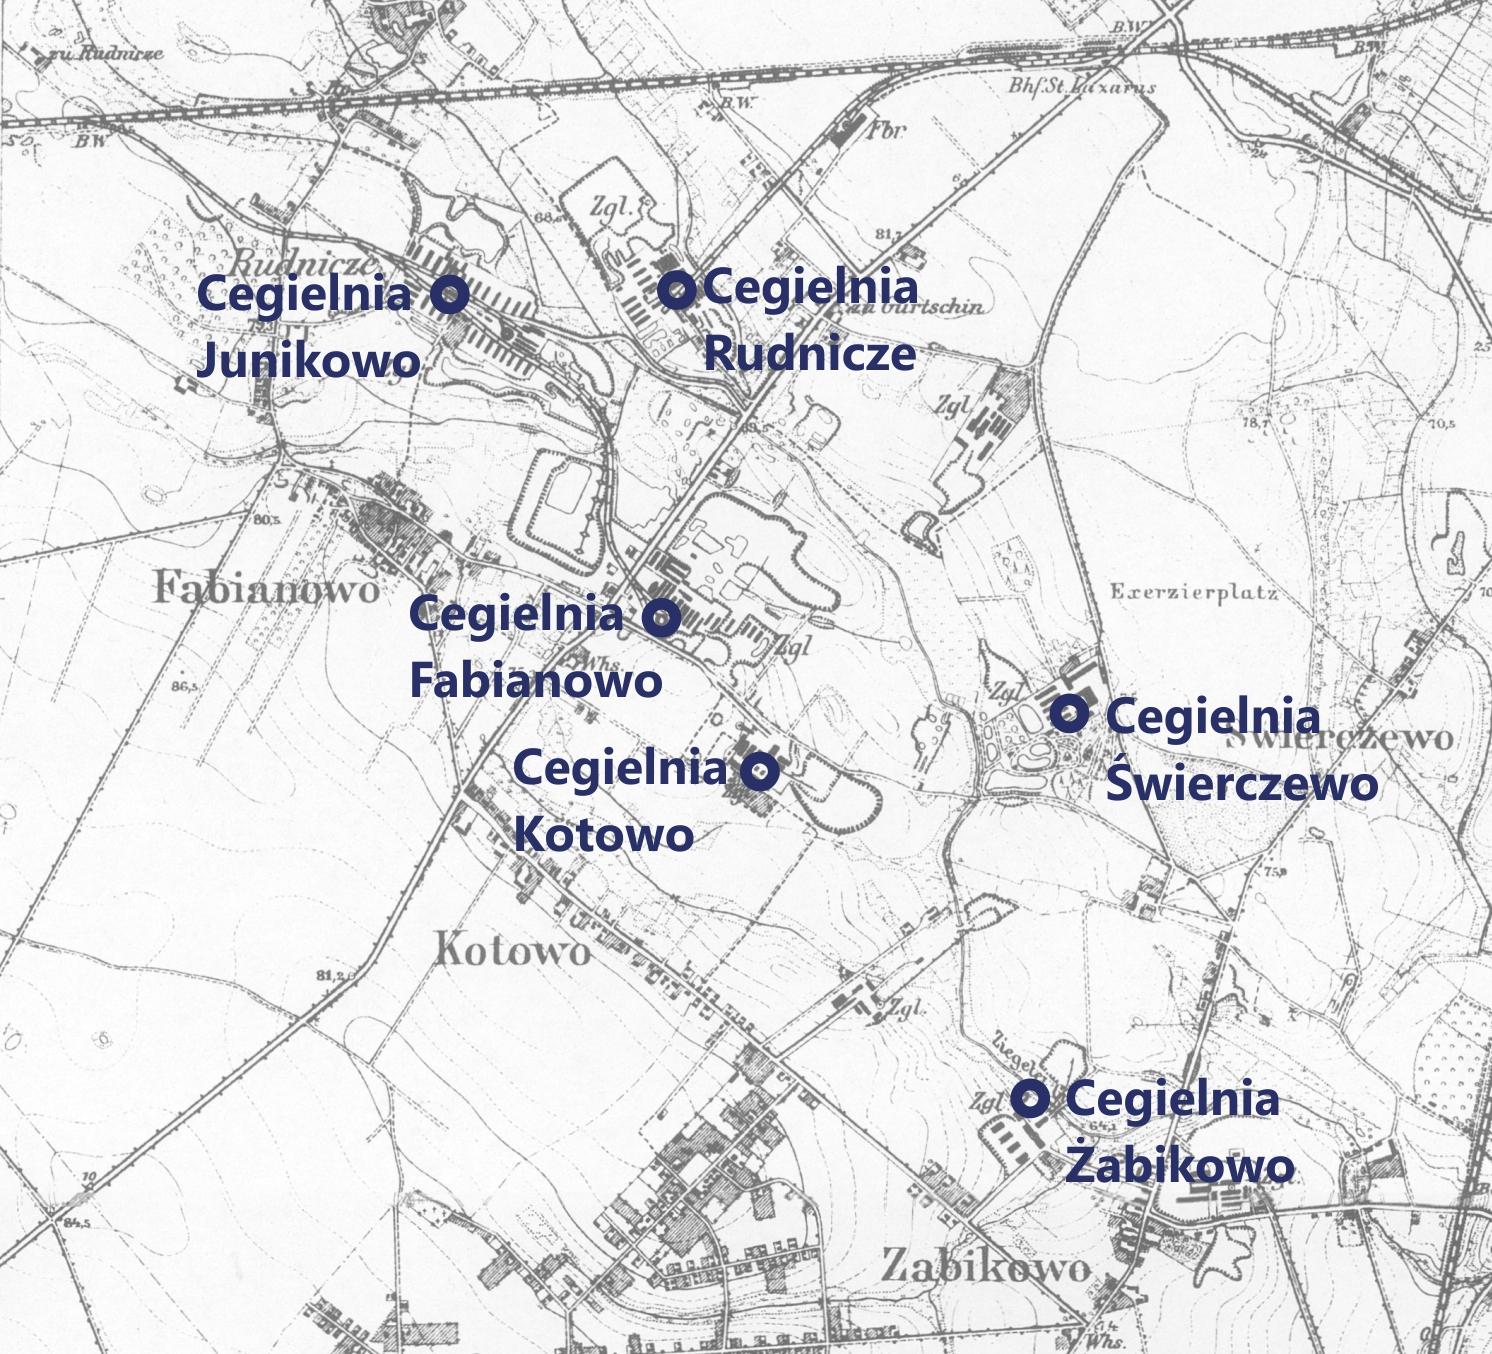 Cegielnie na planie Poznania z 1919 r. - http://igrek.amzp.pl/5230